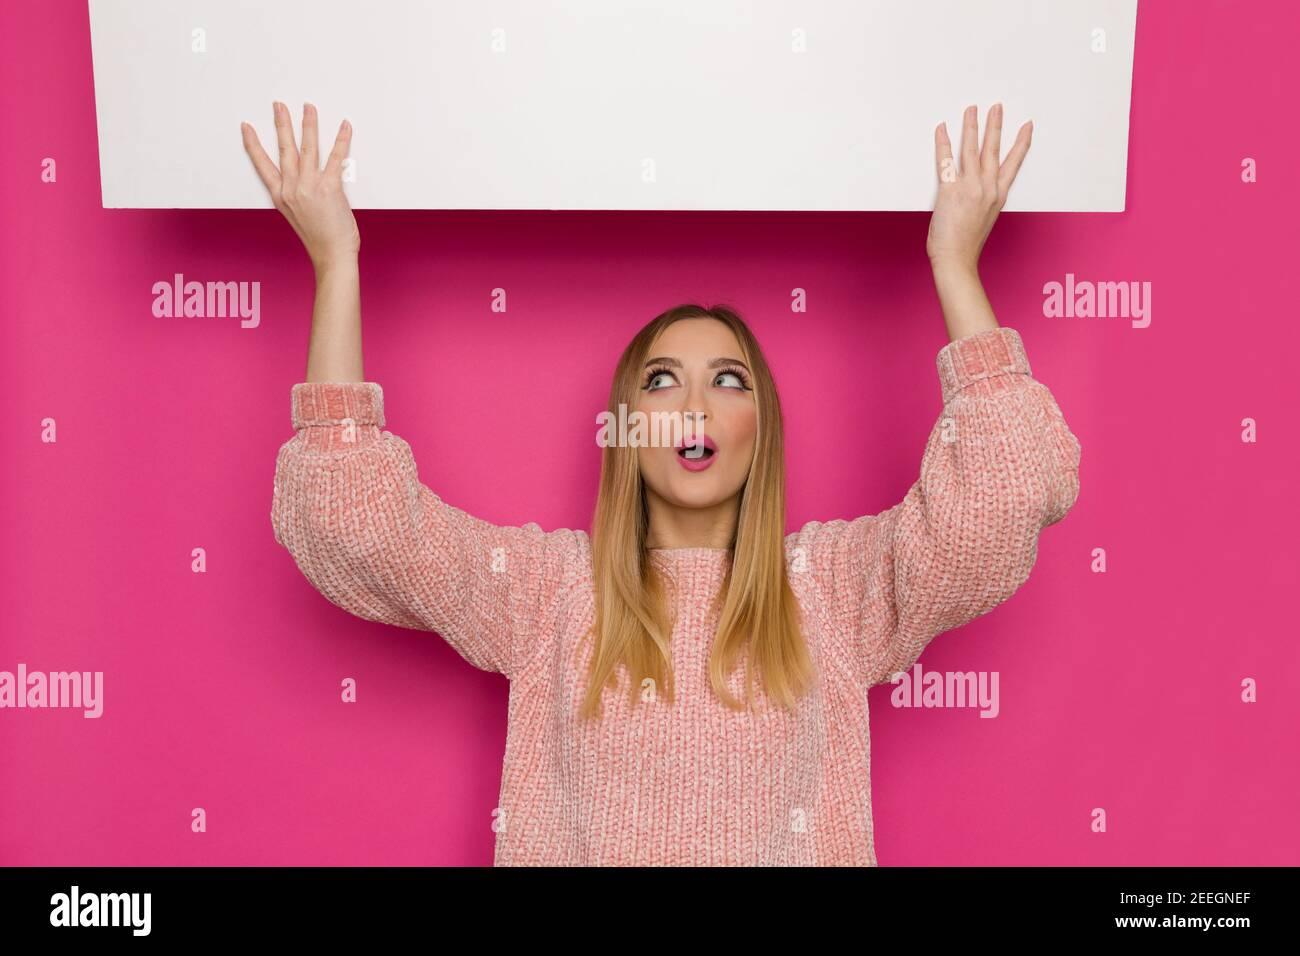 Mujer joven sorprendida en suéter rosa está sosteniendo una pancarta blanca sobre la cabeza, mirando y hablando. Vista frontal. Estudio de cintura arriba sobre fondo rosa. Foto de stock